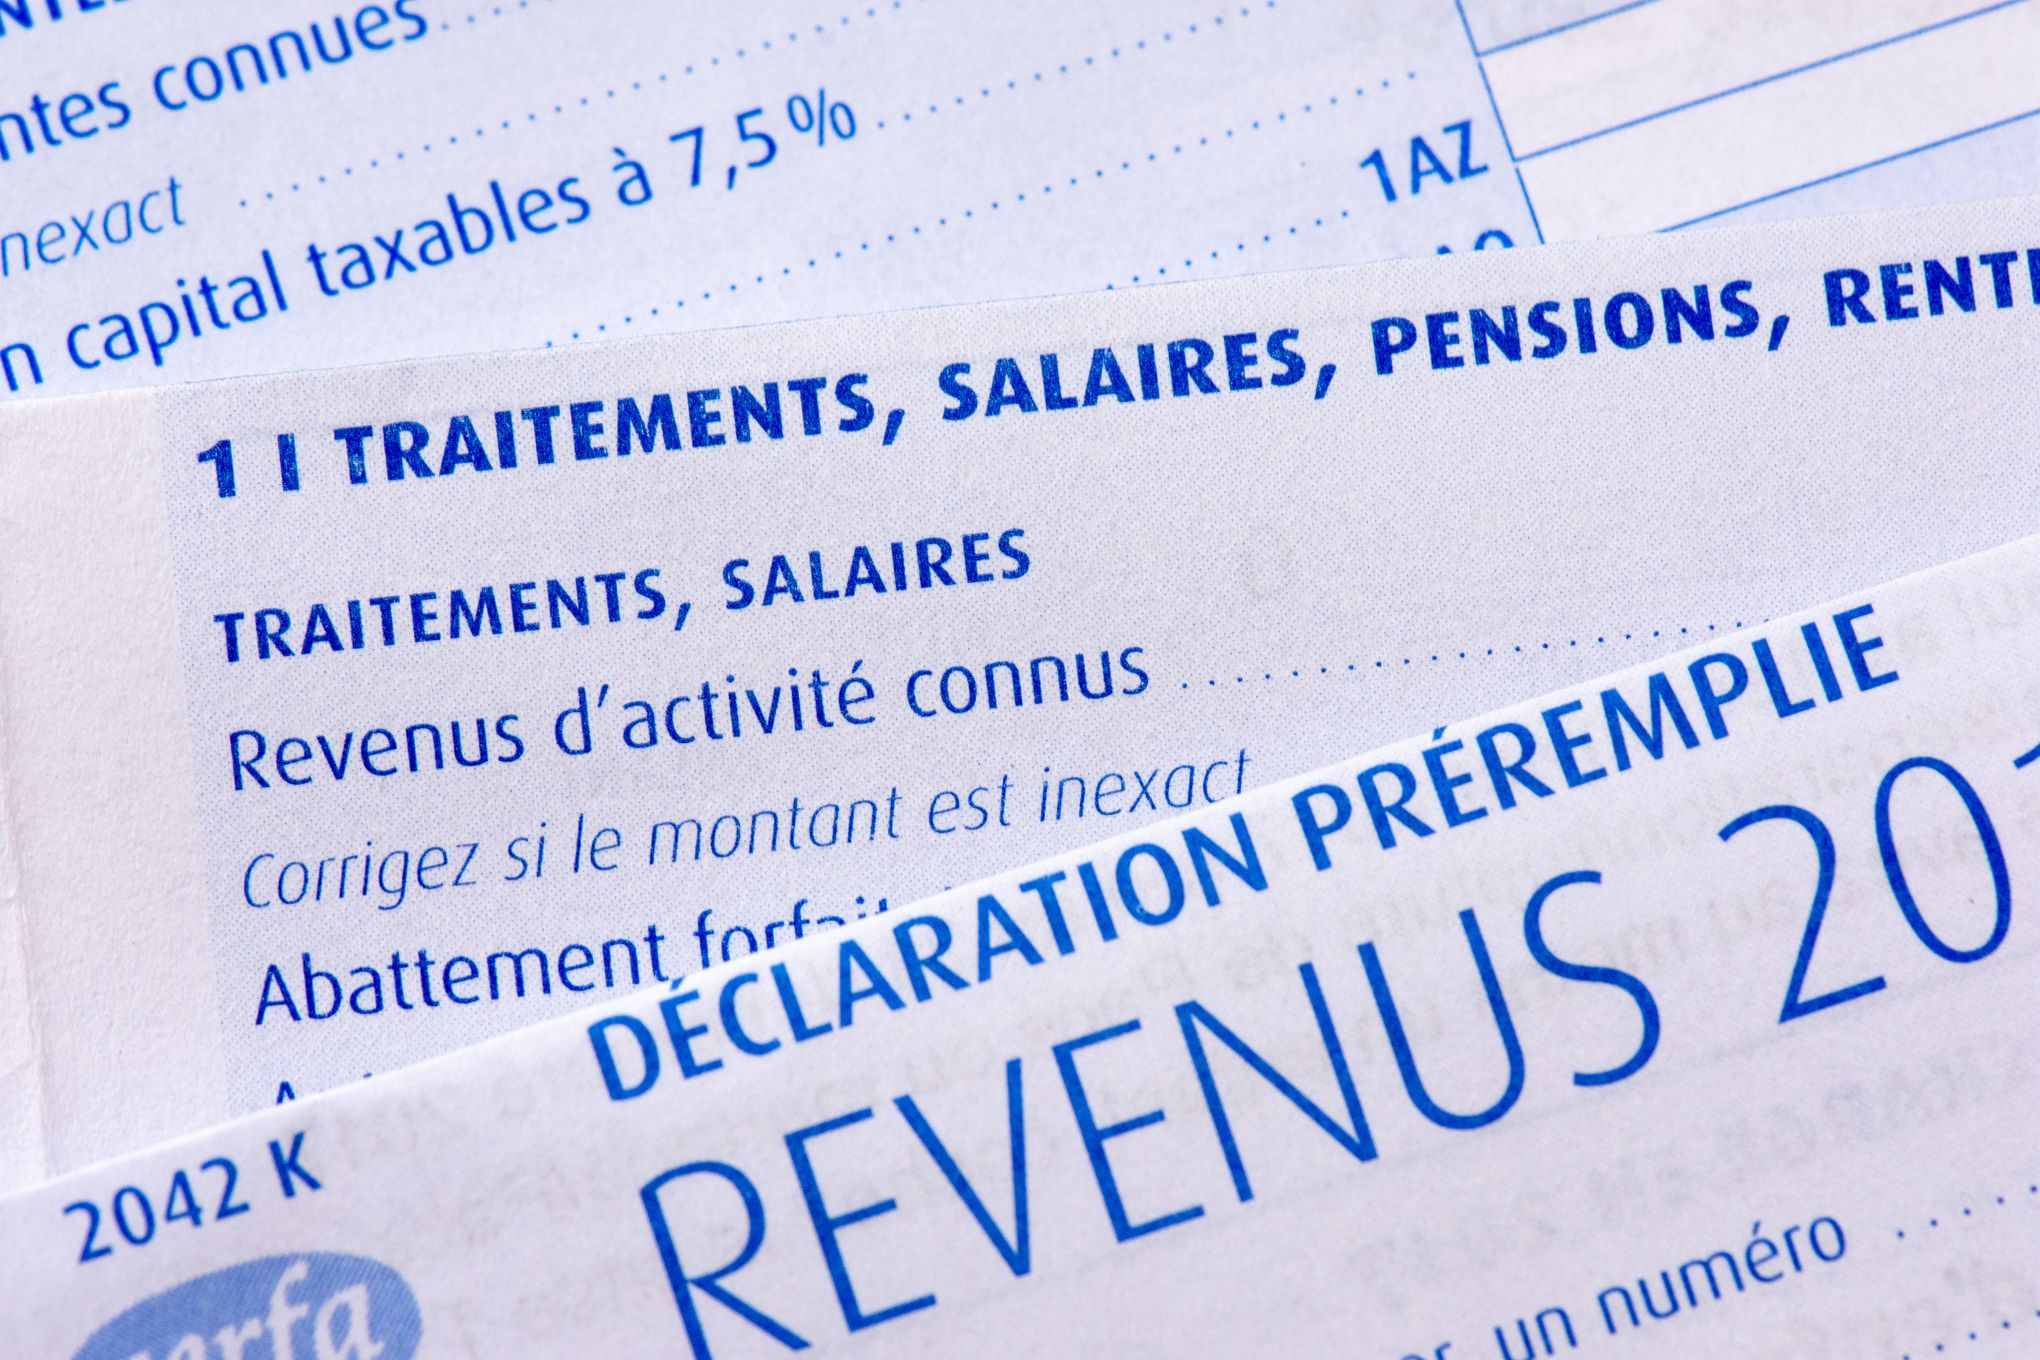 délai déclaration impots 2020 france